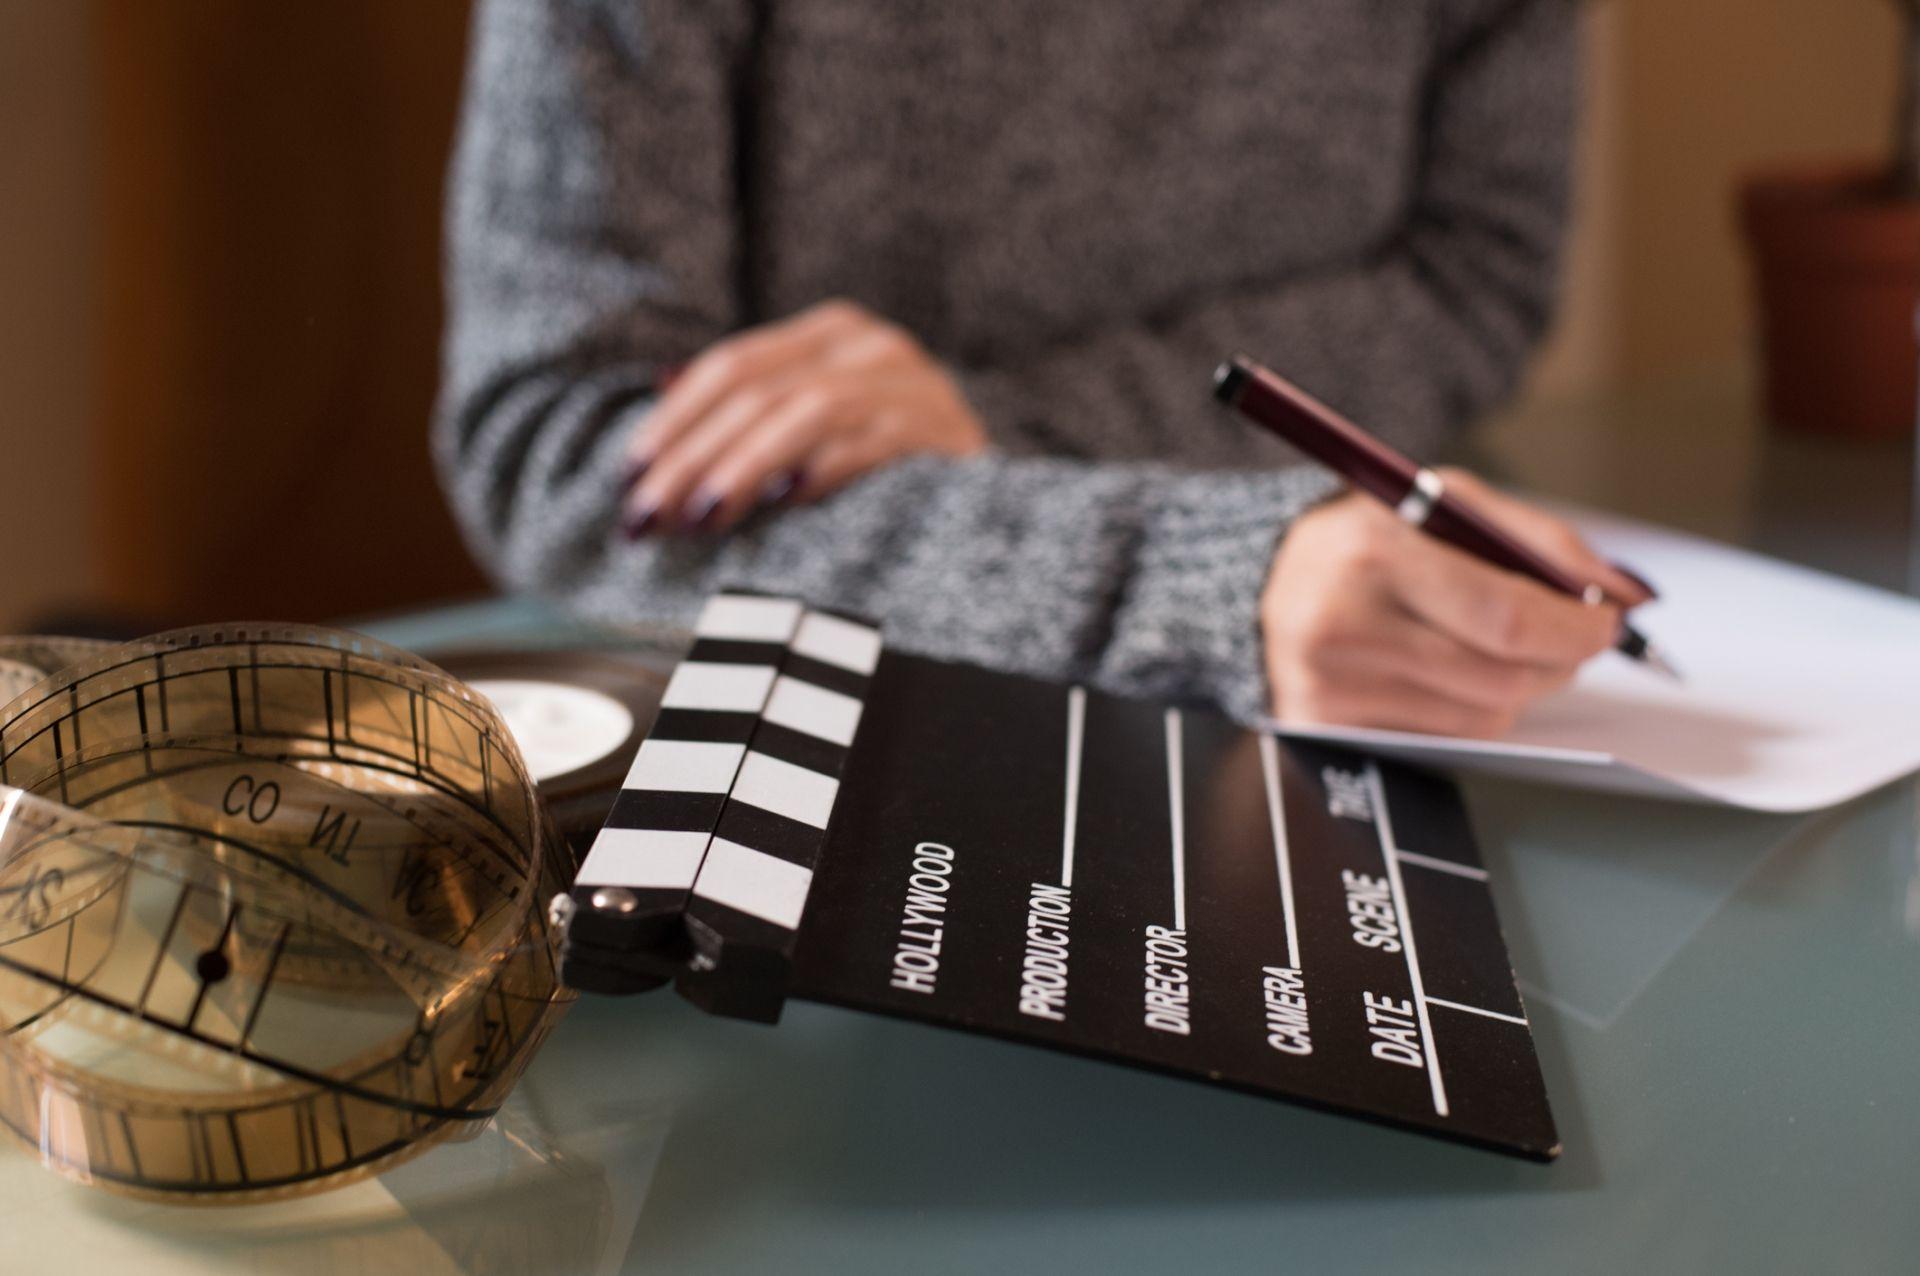 ¿Qué estudiar para convertirse en guionista profesional?